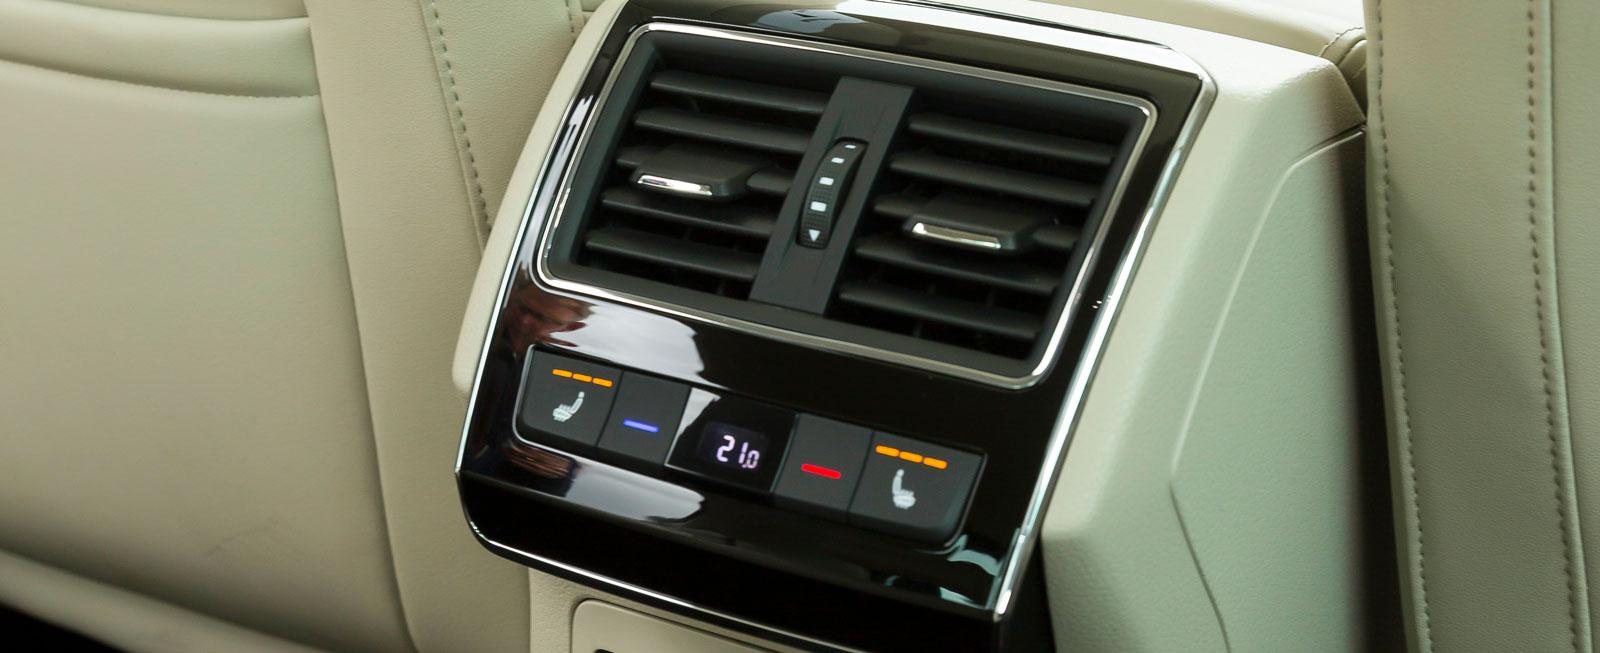 230 V-uttag och elvärmt baksäte kostar 3600 kr extra. Klimatanläggning bak är standard.